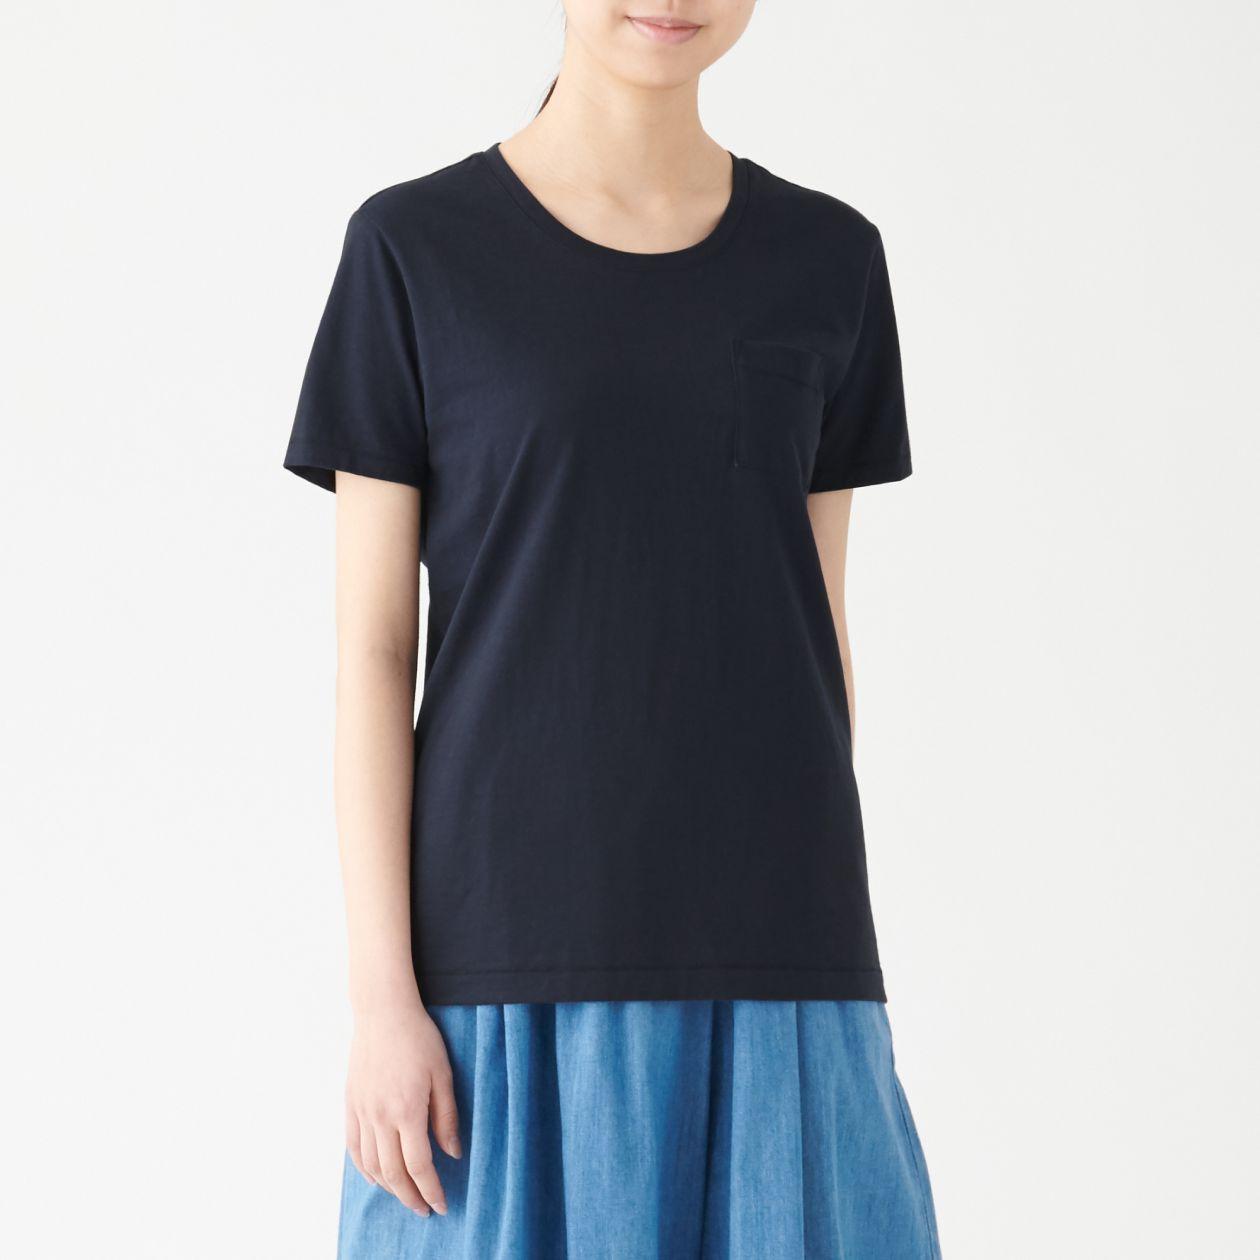 ムラ糸天竺編みクルーネック半袖Tシャツ